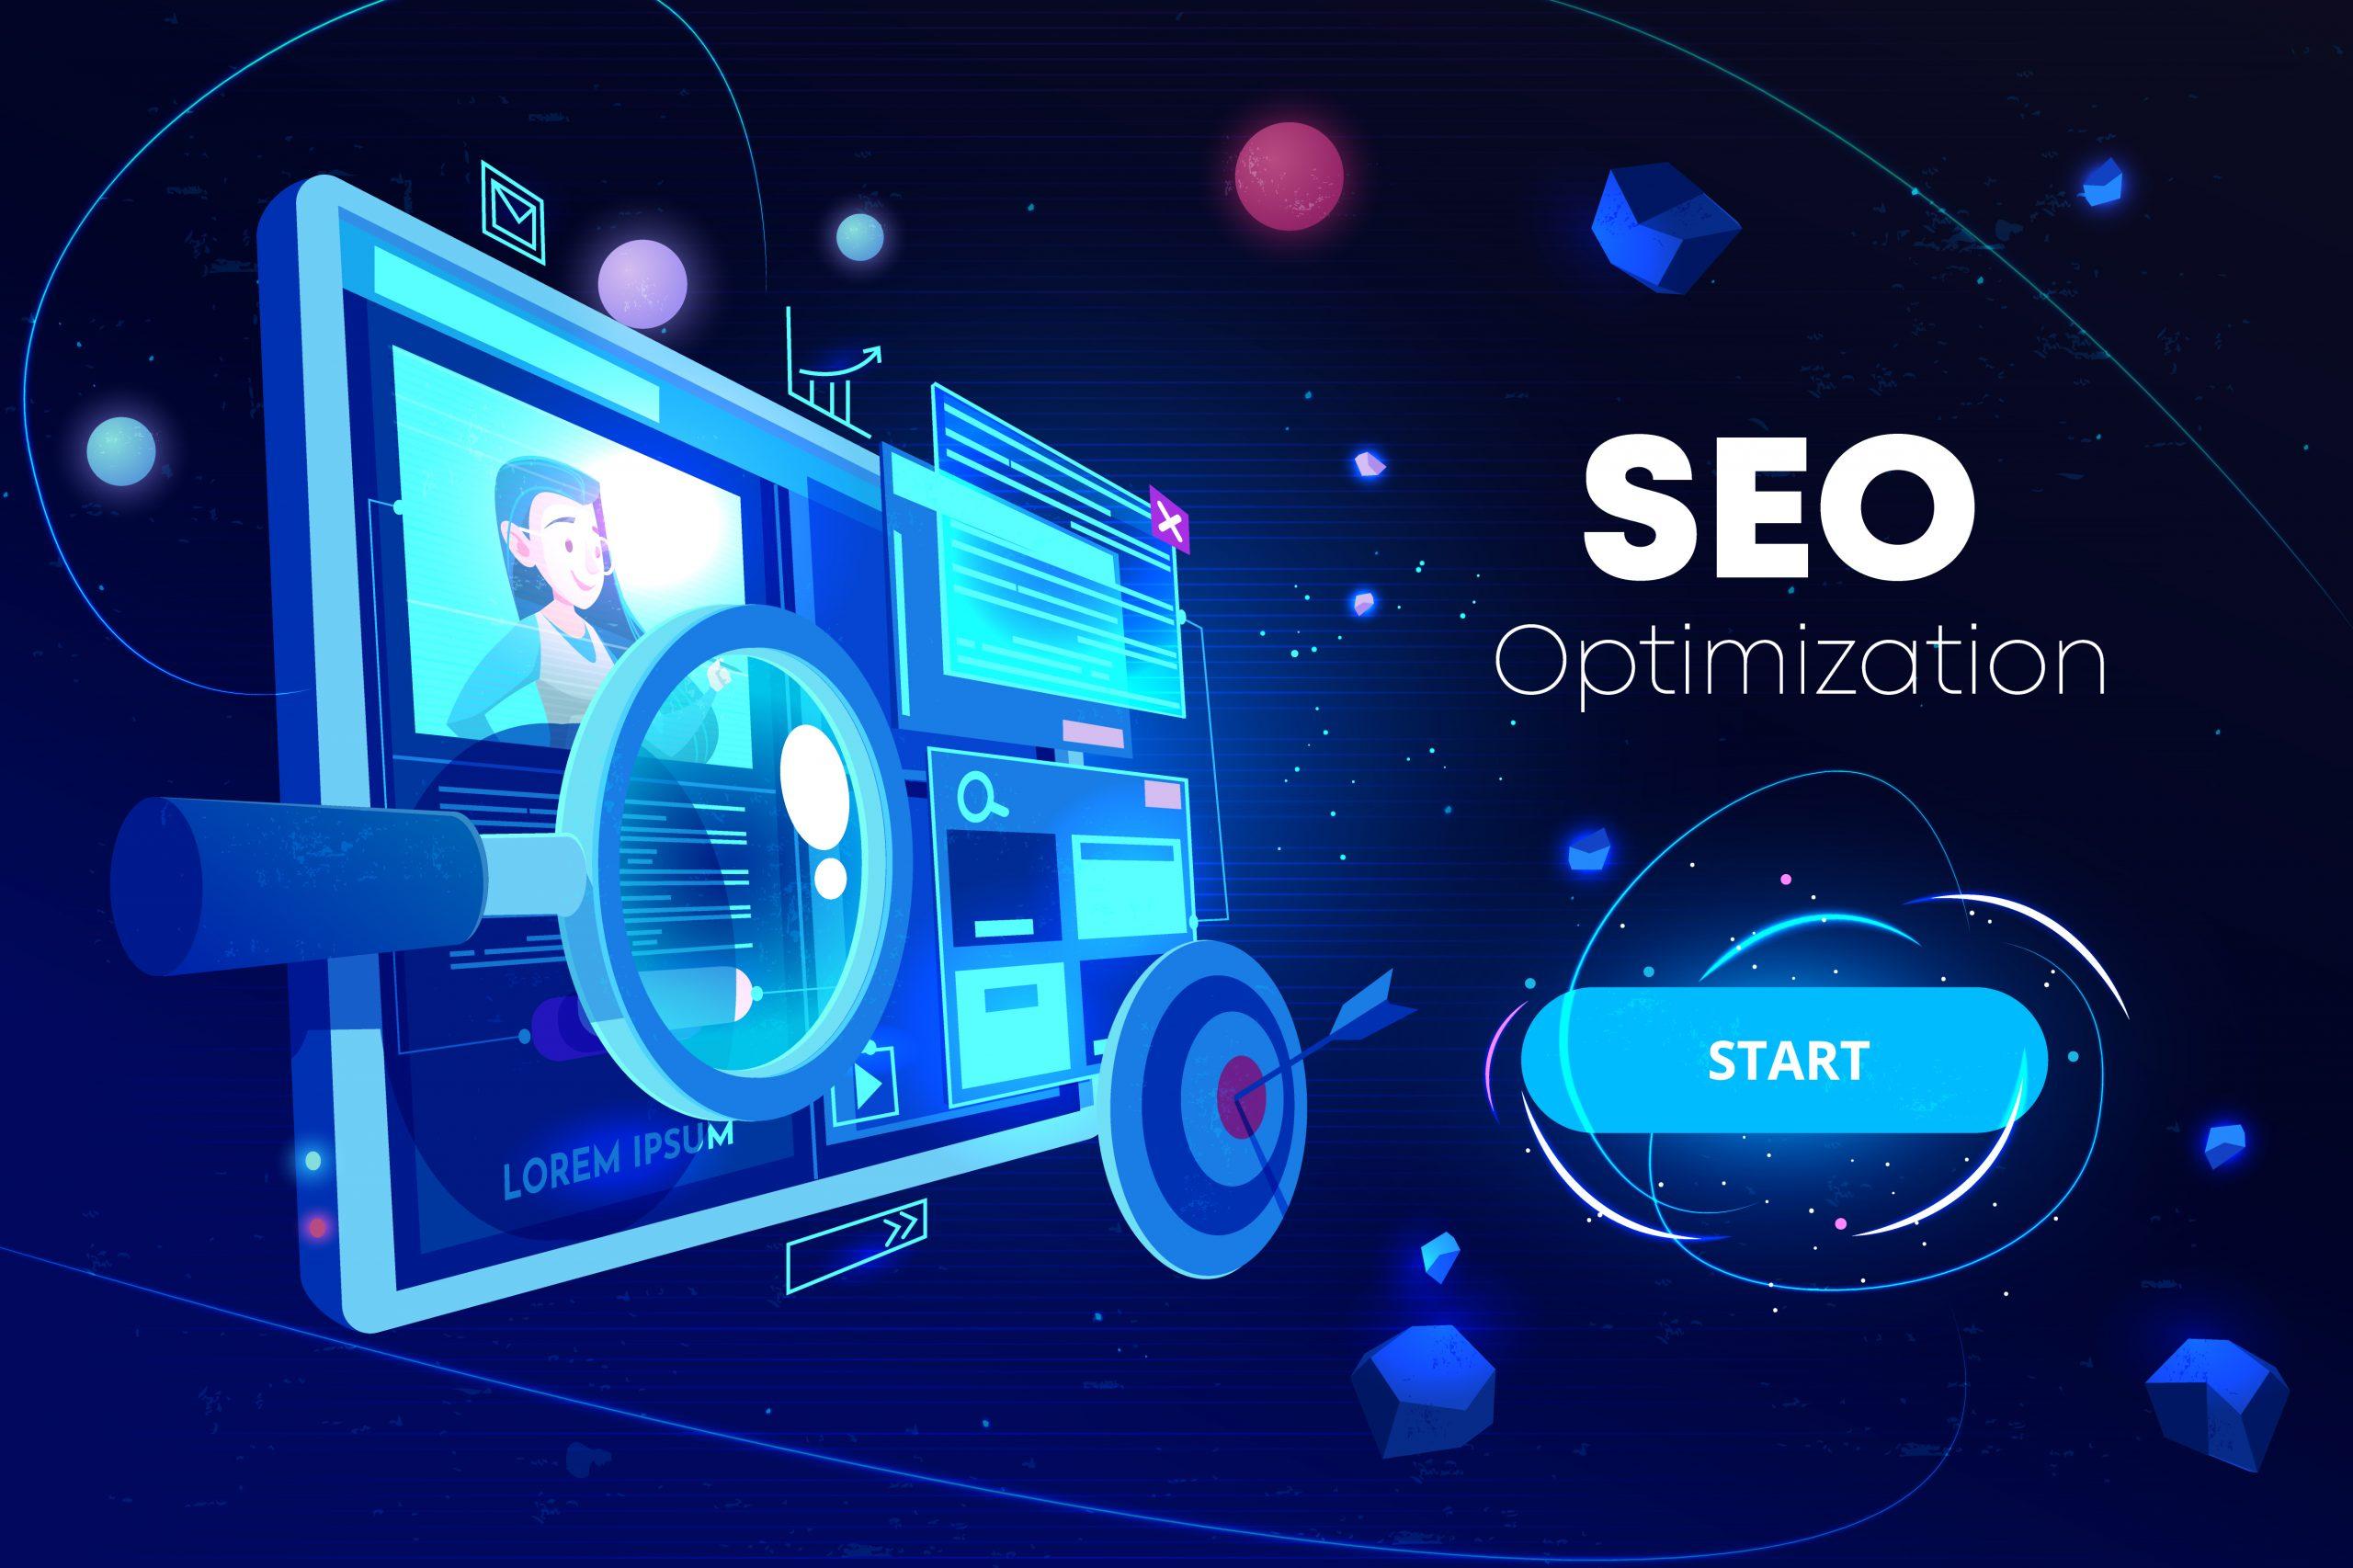 group buy seo tools best